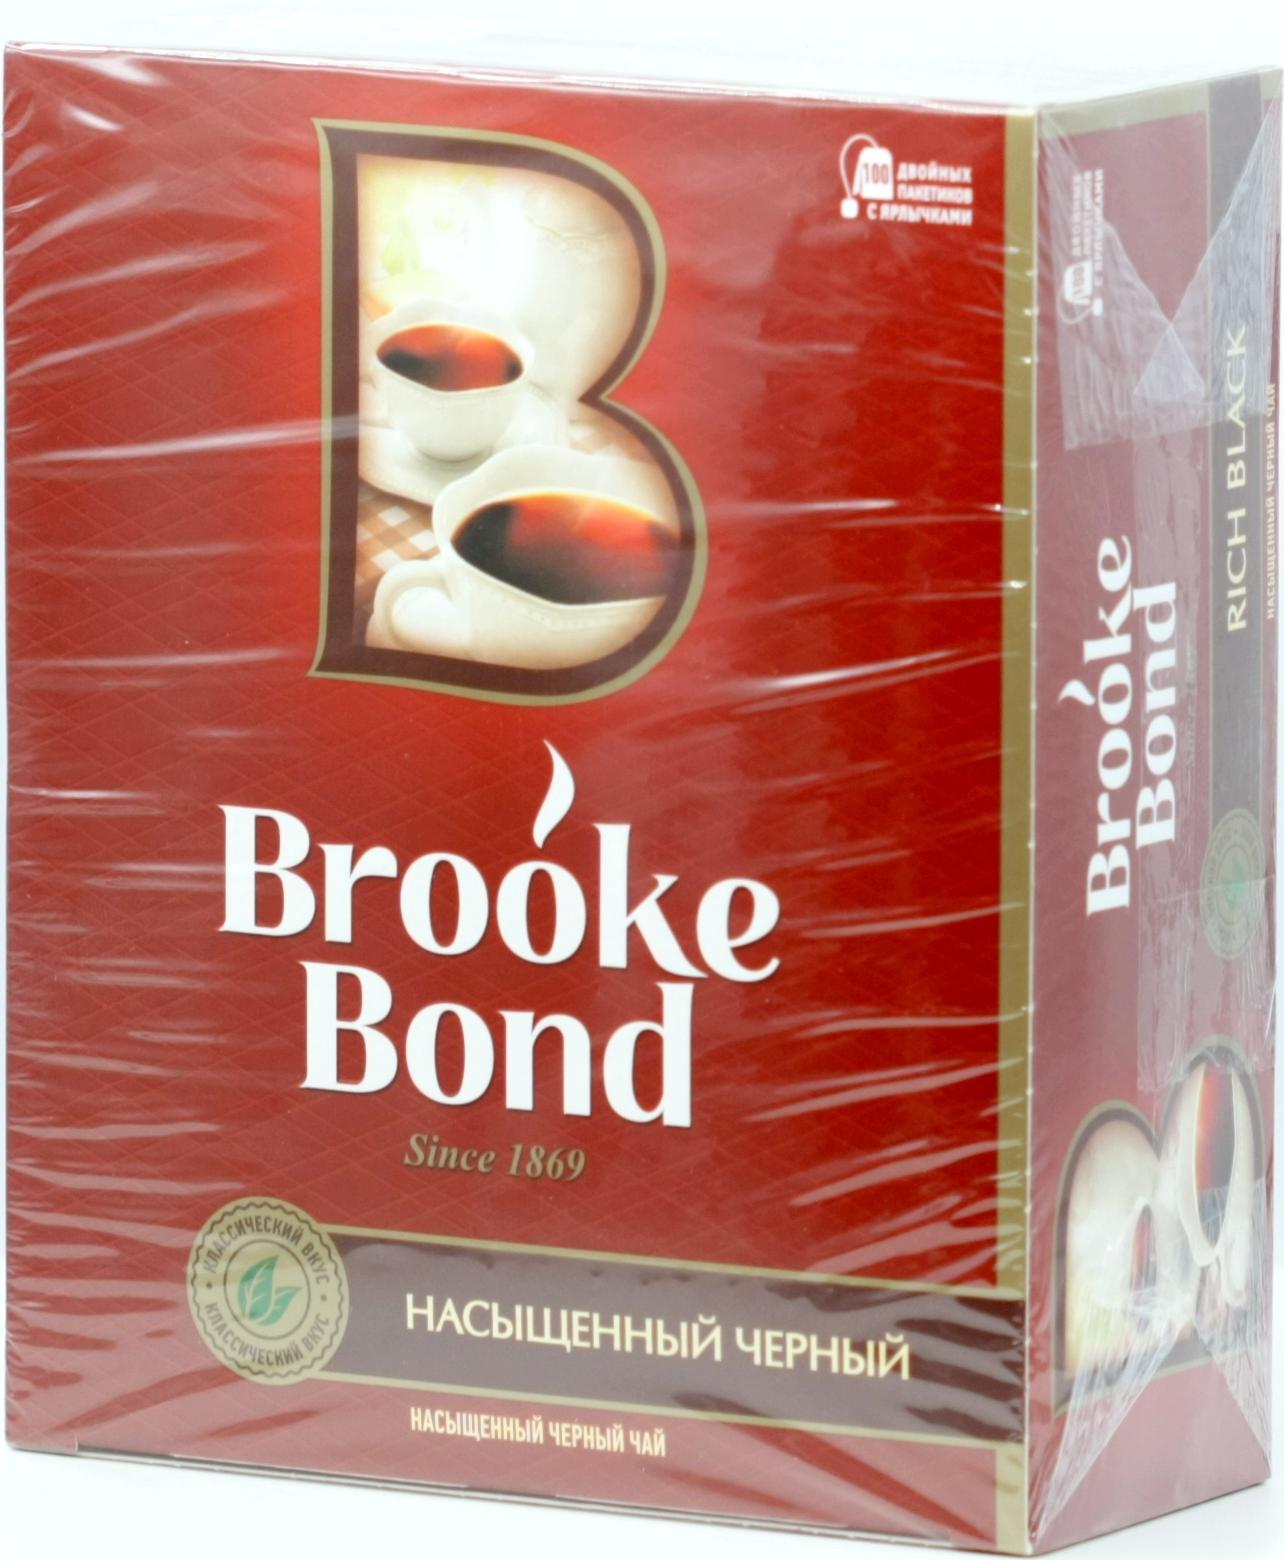 Brooke Bond  Брук Бонд карт пачка, 100 пак  - Чай&Кофе ОПТ